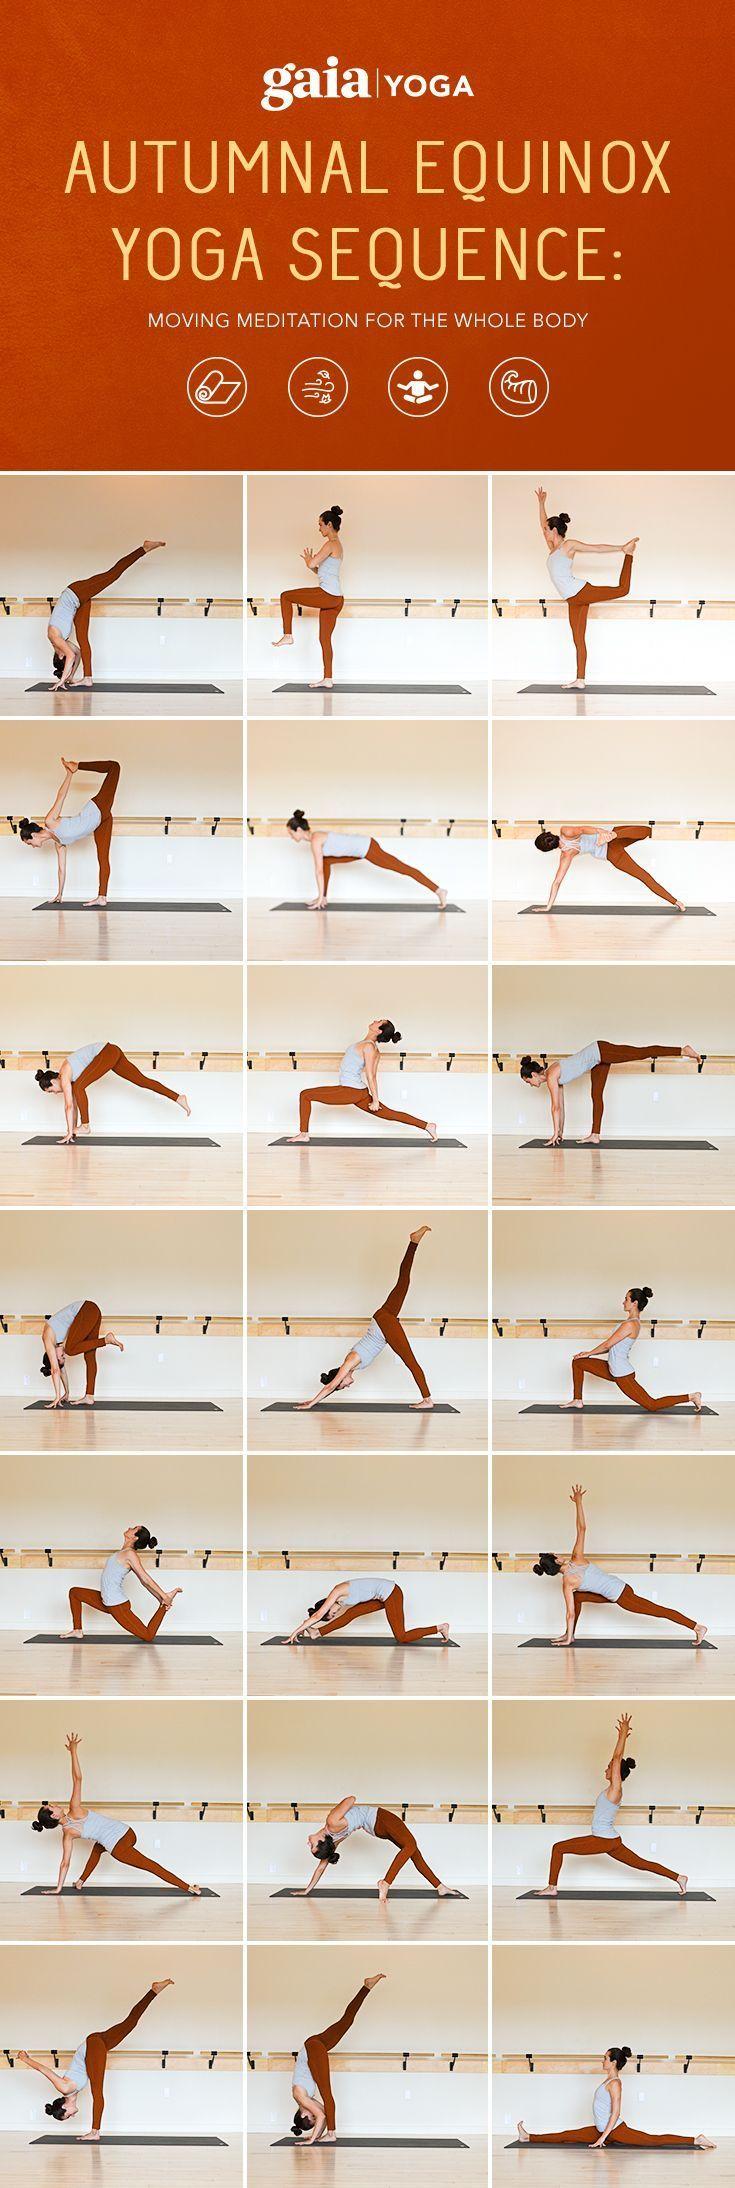 Autumnal Equinox: Rhythm and Ritual Through Yoga | Gaia